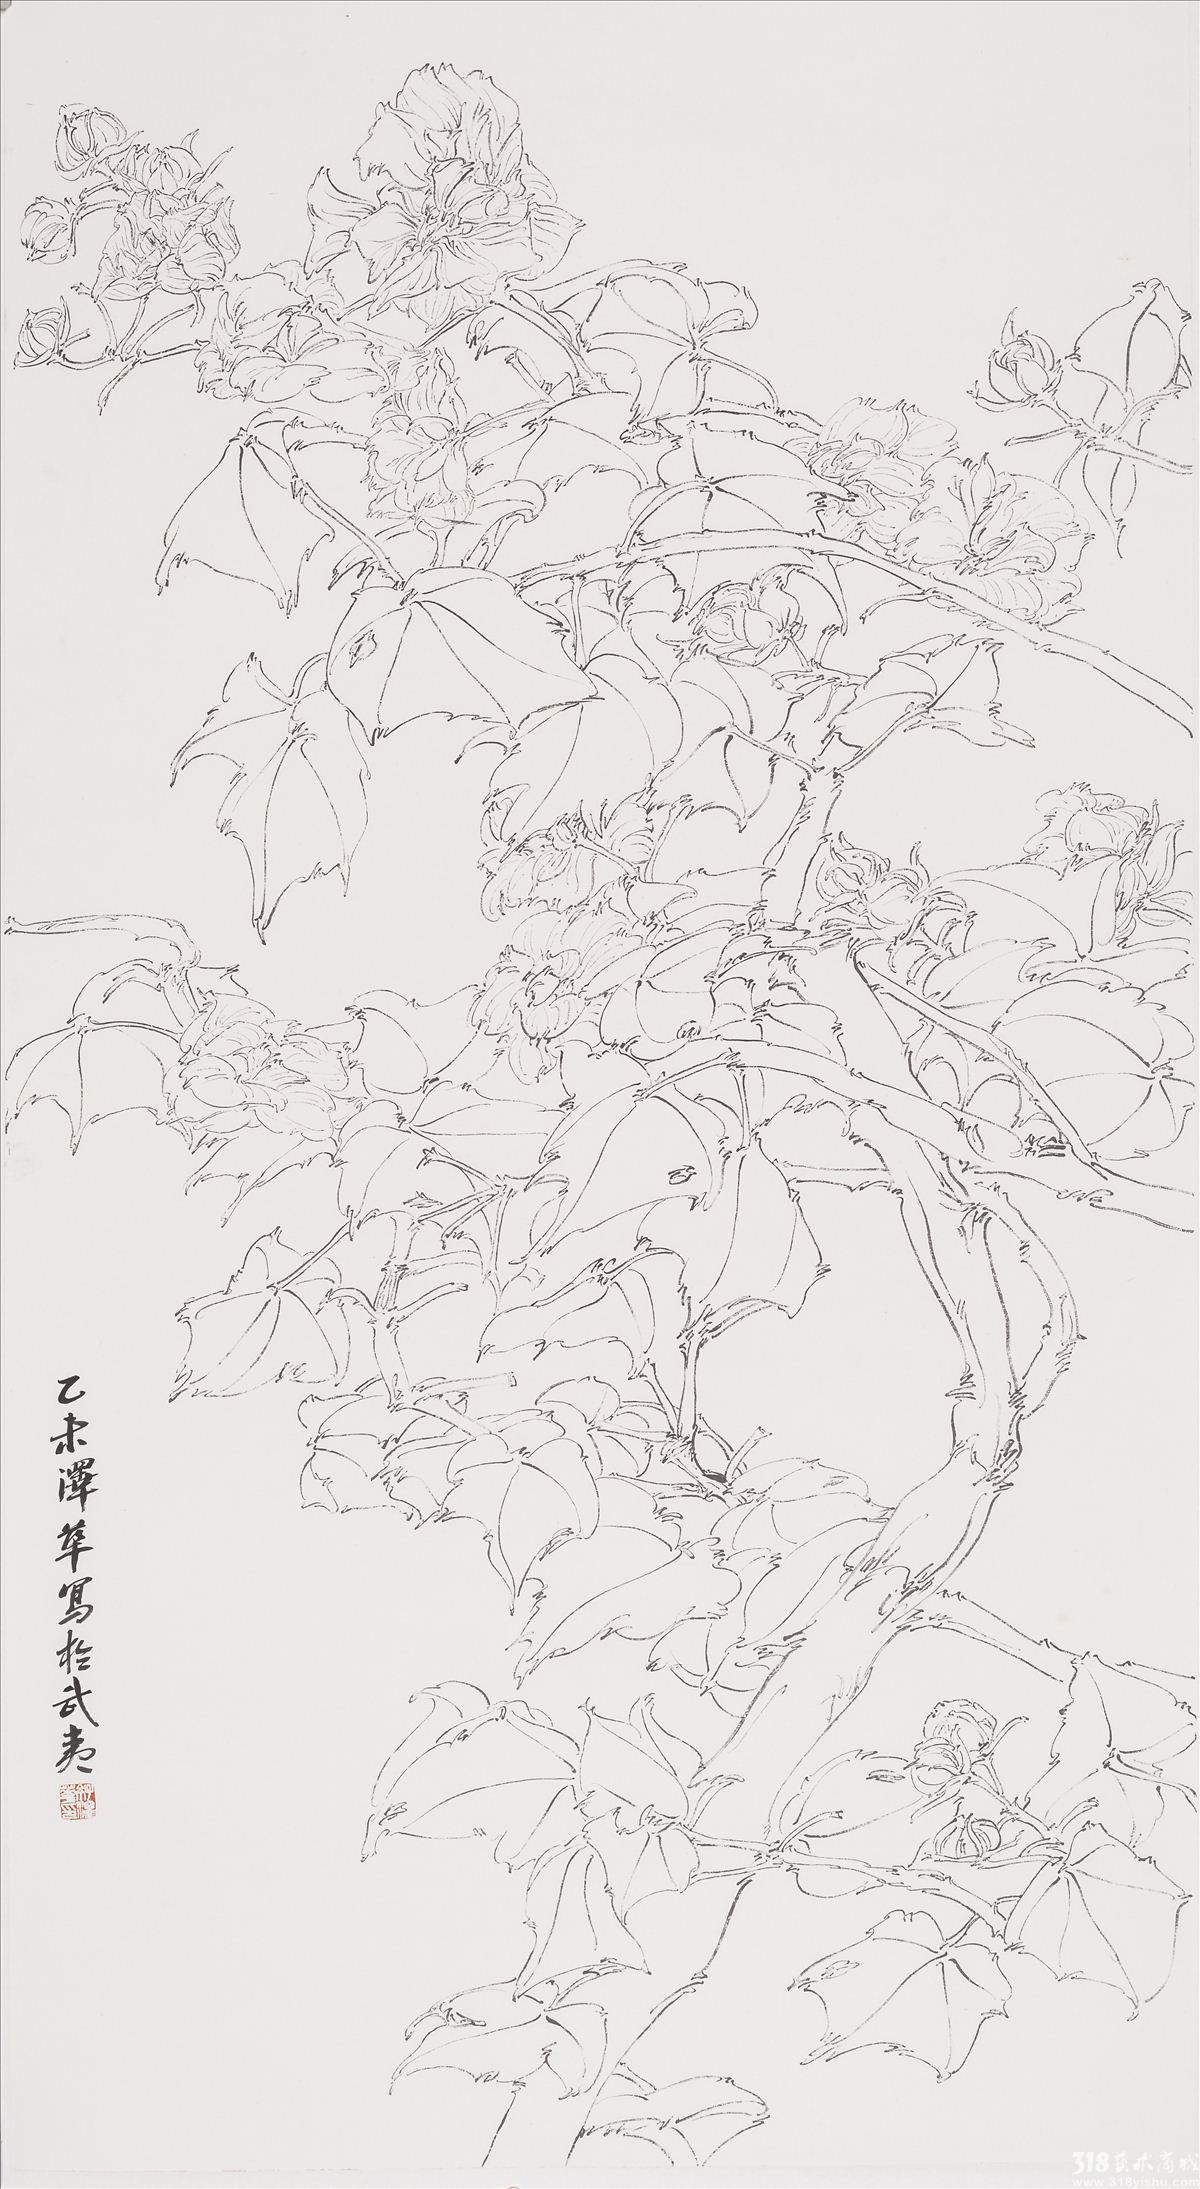 芙蓉花_花鸟_国画